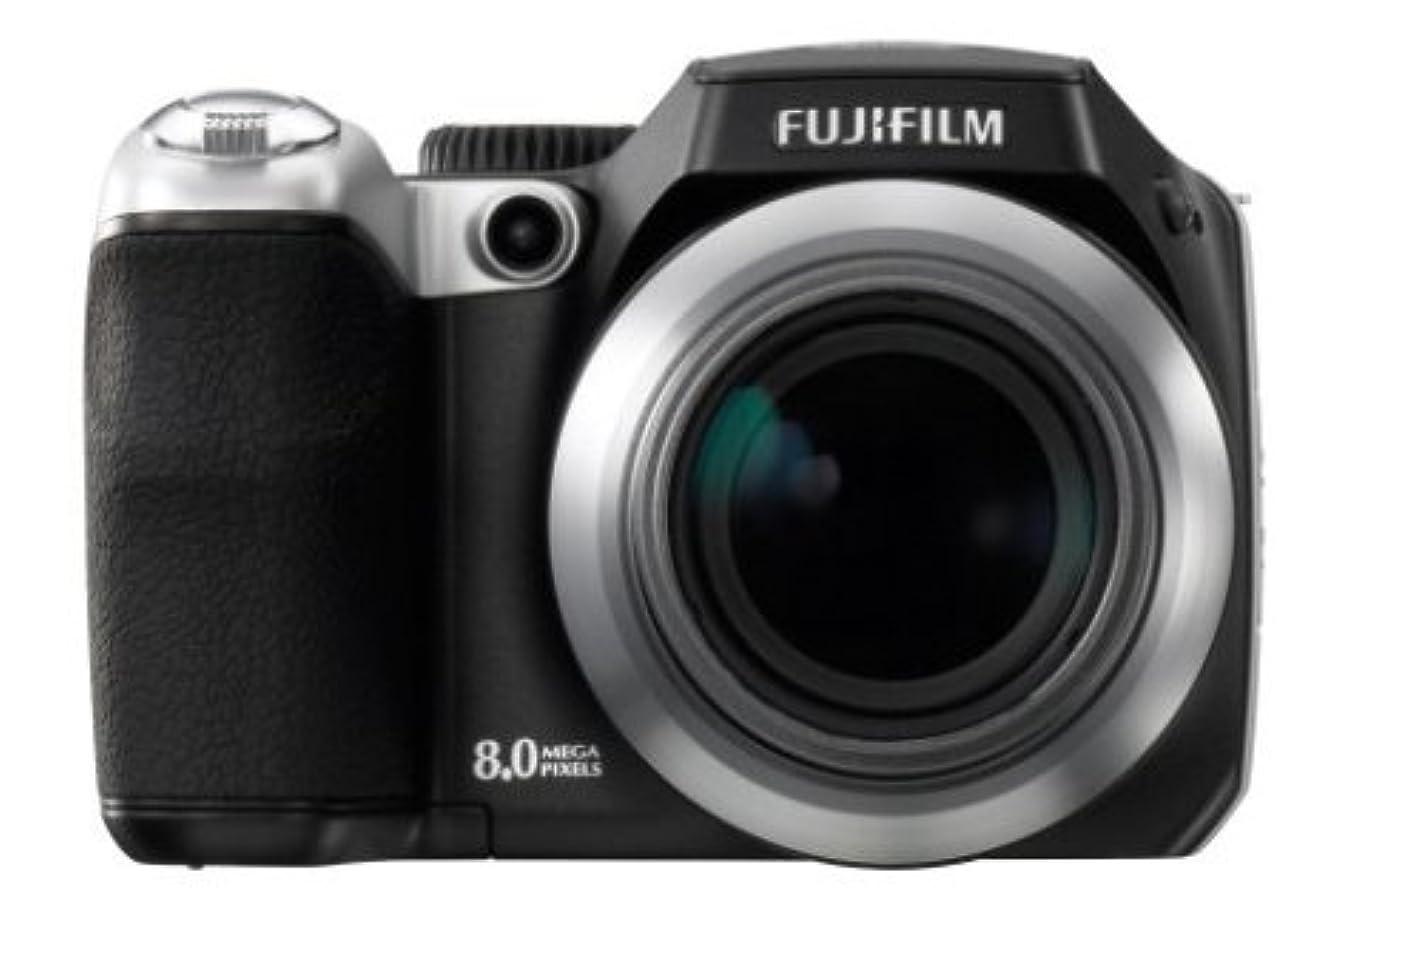 変更可能差し迫った義務FUJIFILM デジタルカメラ FinePix (ファインピクス) S8000fd 800万画素 光学18倍ズーム FX-S8000FD